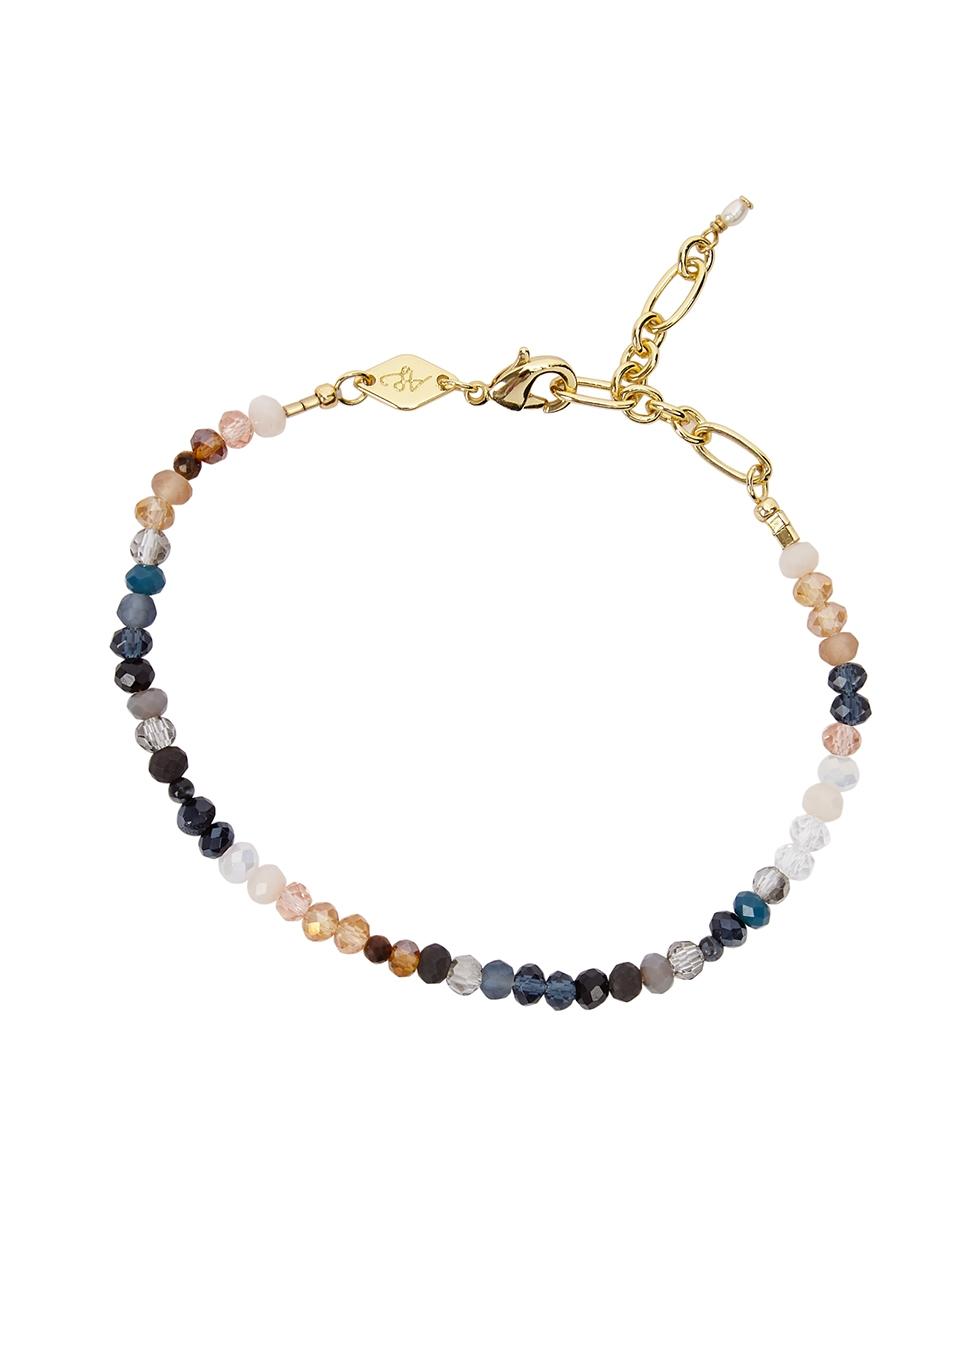 Moonstone Beach beaded bracelet